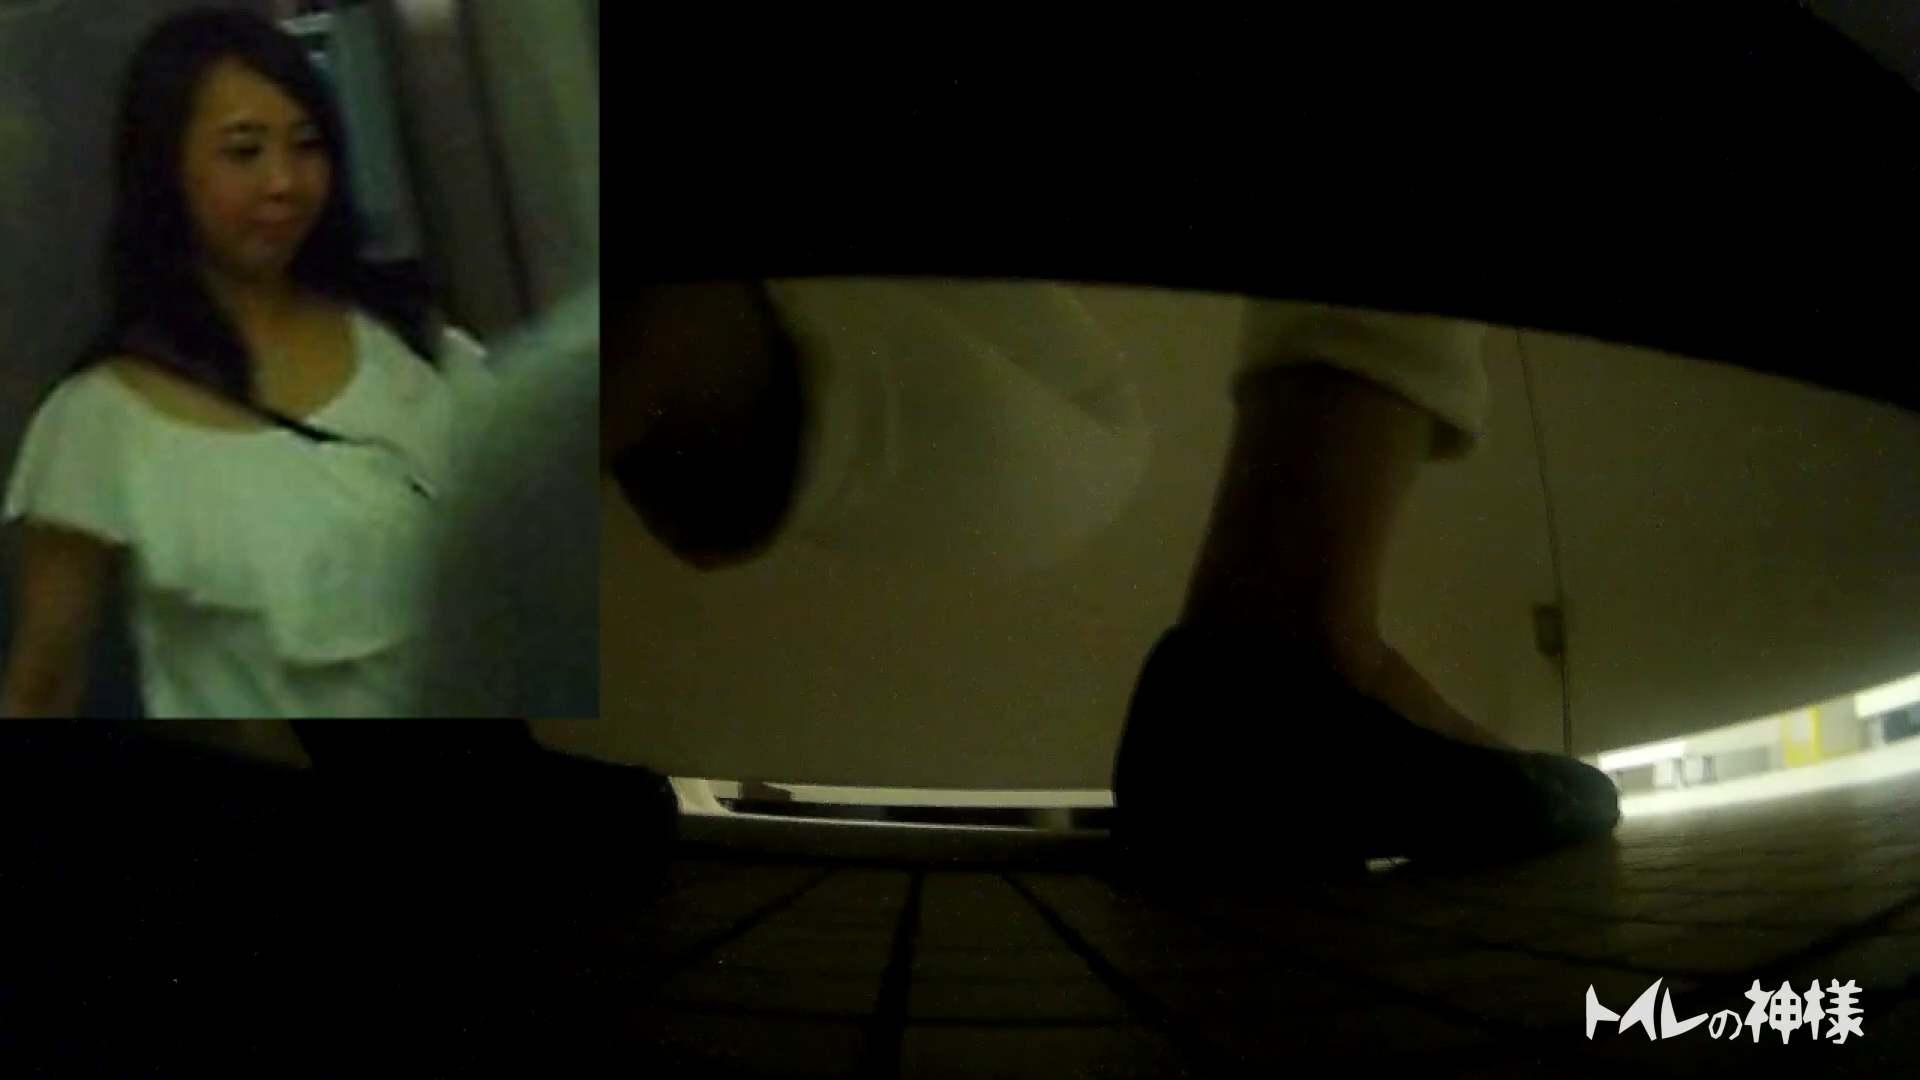 ▲2017_28位▲ ビアガーデン!美人が6人!トイレの神様 Vol.11 洗面所シーン ワレメ動画紹介 104画像 29